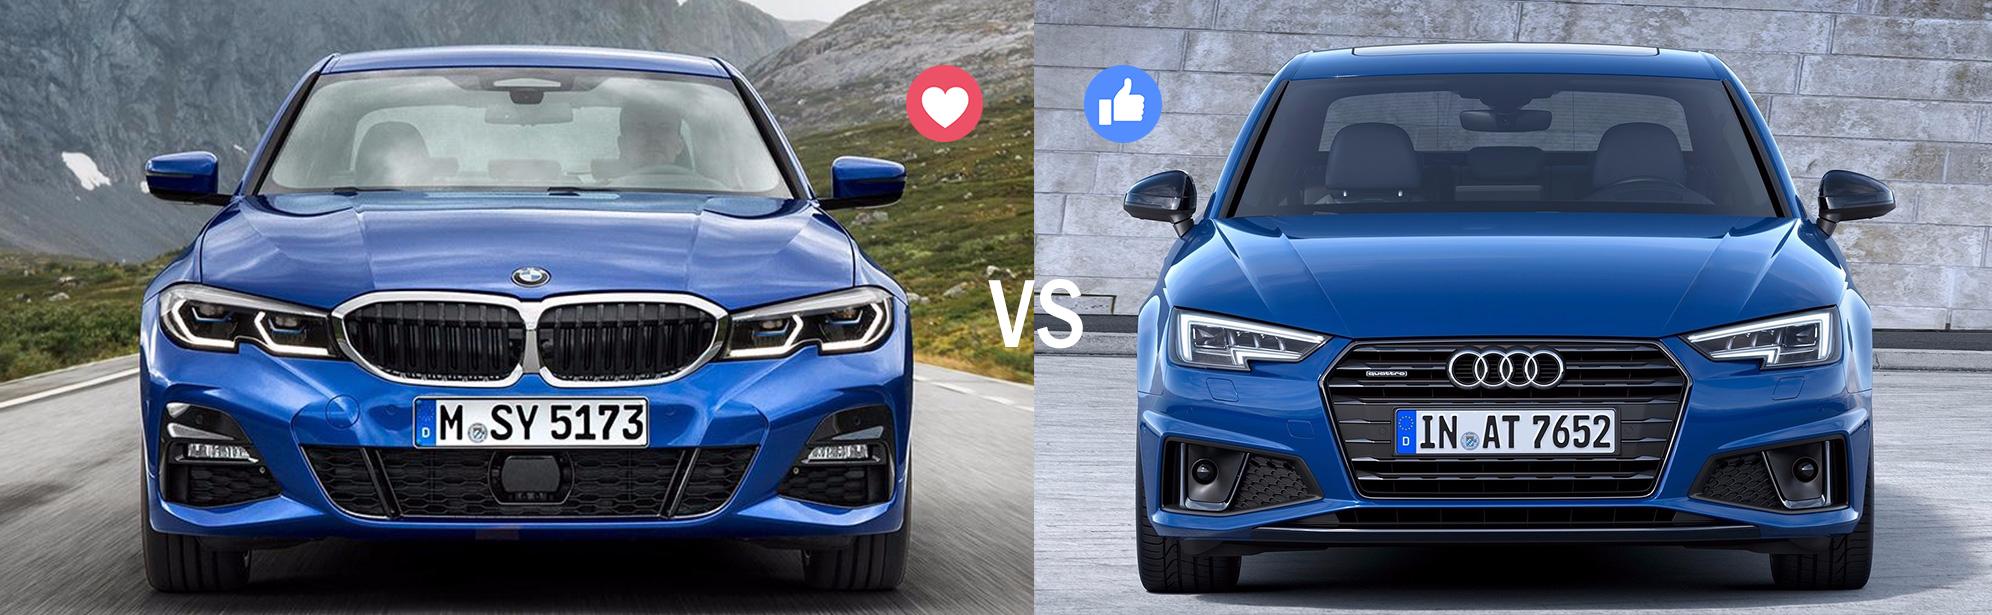 Kumma valiksid Sina: 2019 Audi A4 või BMW 3. seeria?